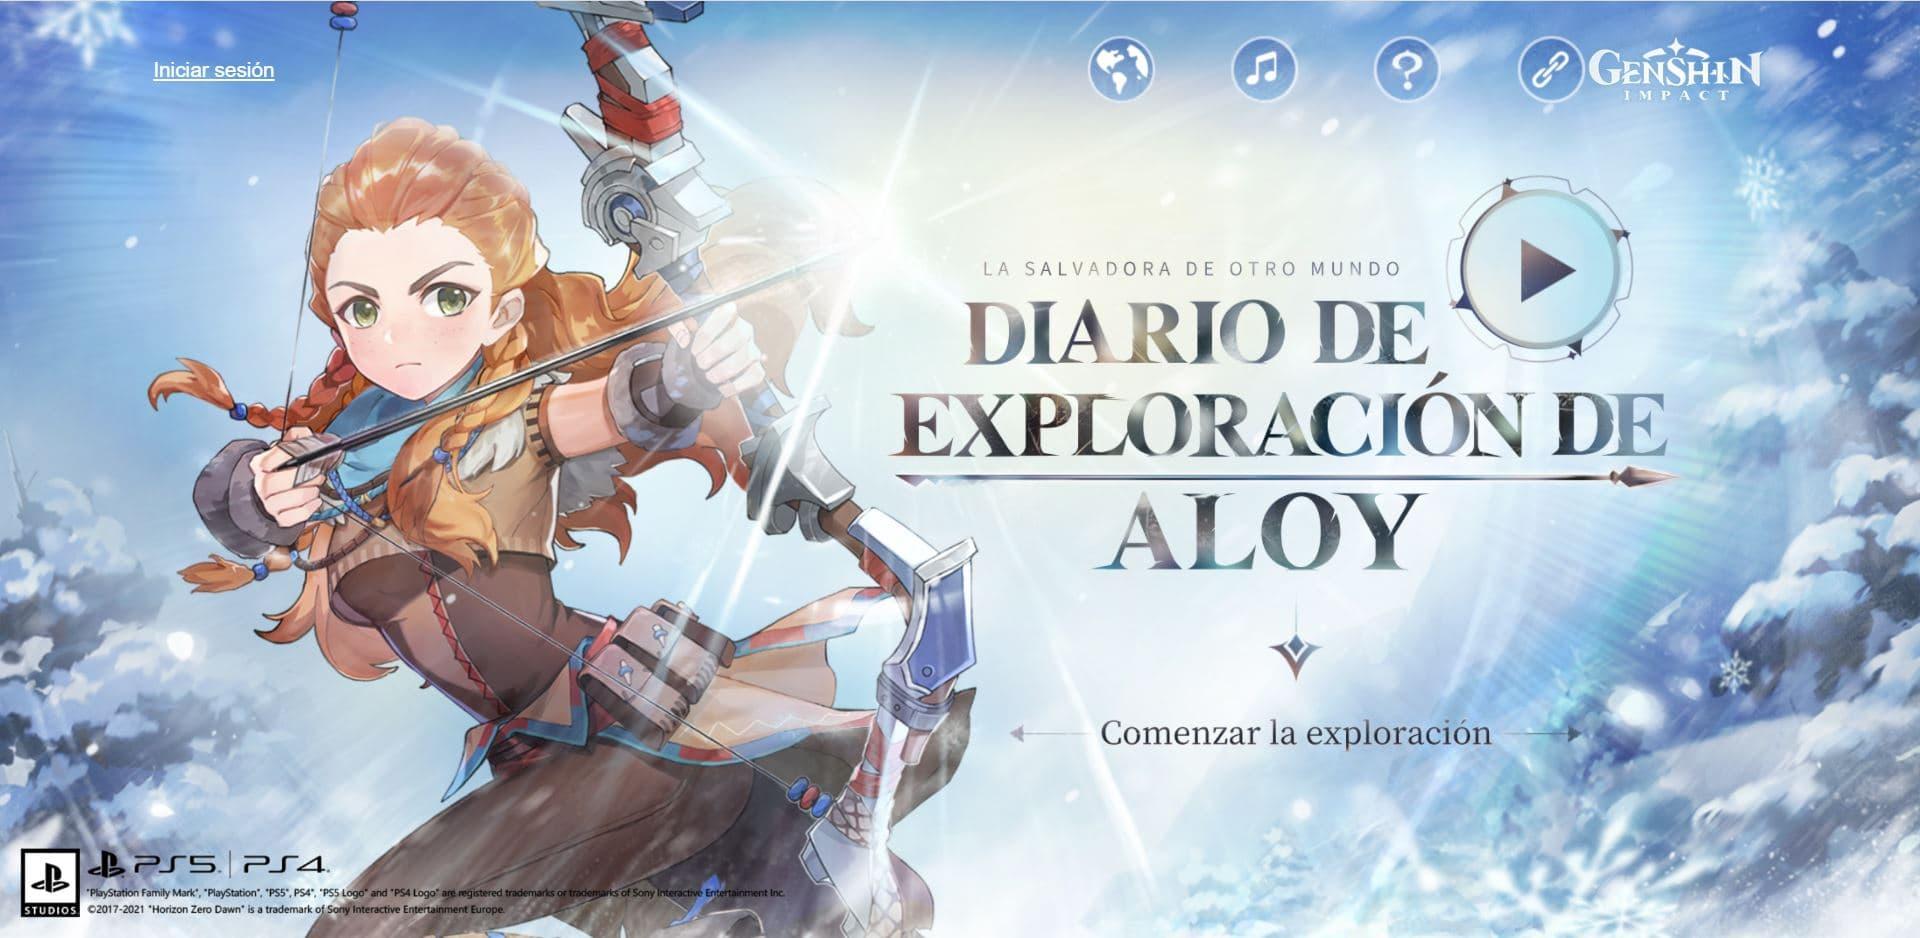 Así es el evento Diario de exploración de Aloy en Genshin Impact